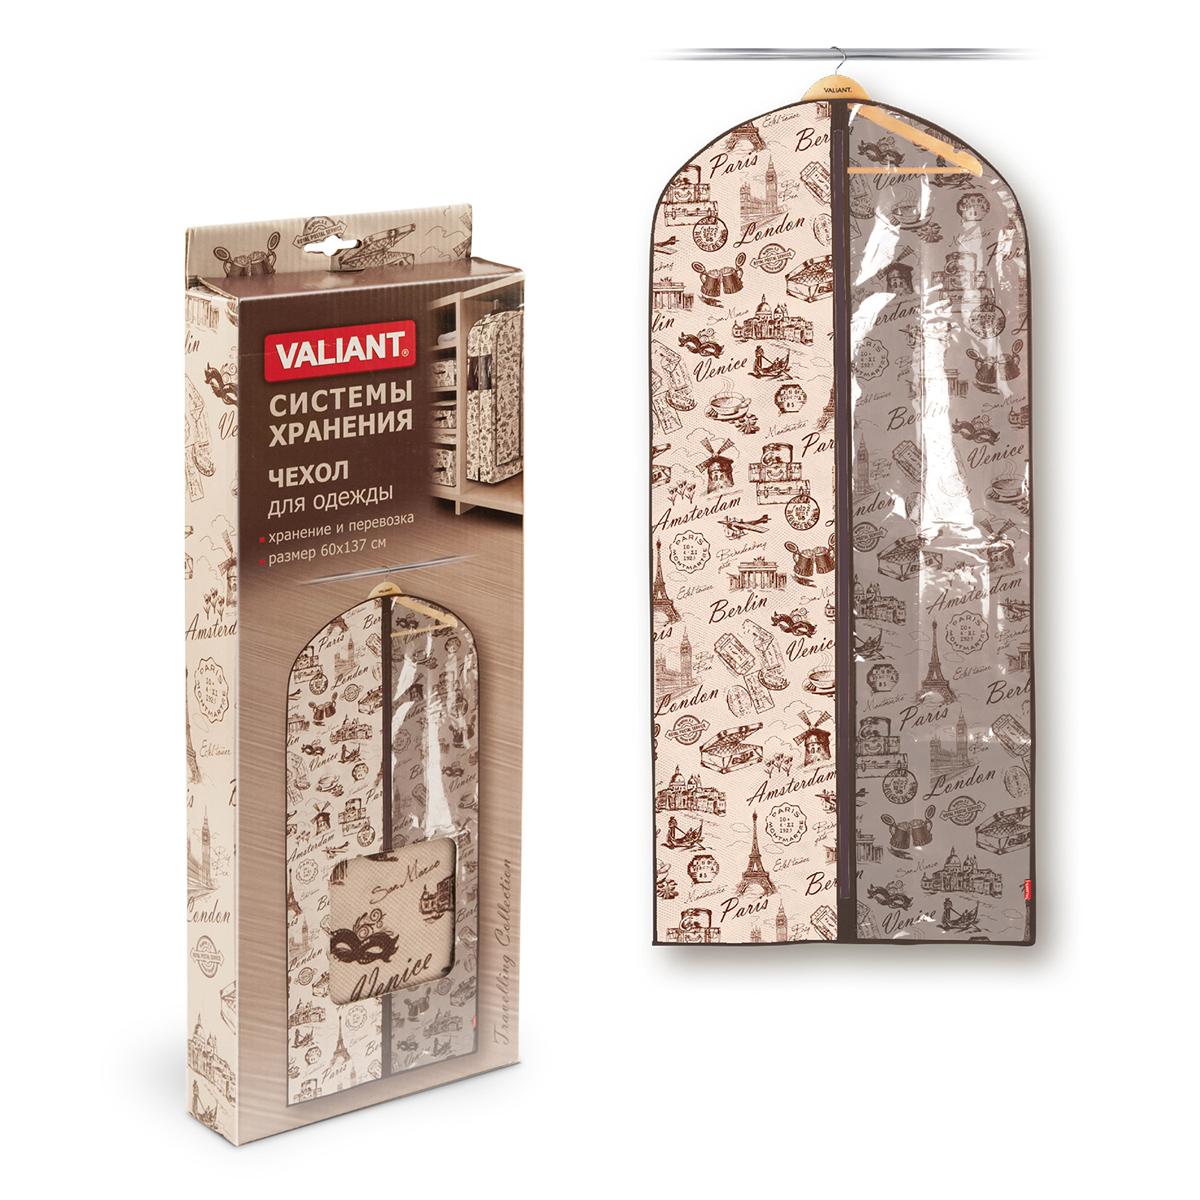 Чехол для одежды Valiant Travelling, 60 см х 137 смTRC006Чехол для одежды Valiant Travelling изготовлен из высококачественного нетканого материала (спанбонда), который обеспечивает естественную вентиляцию, позволяя воздуху проникать внутрь, но не пропускает пыль. Чехол очень удобен в использовании. Специальная прозрачная вставка позволяет видеть содержимое внутри чехла, не открывая его. Чехол легко открывается и закрывается застежкой-молнией. Идеально подойдет для транспортировки и хранения одежды. Оригинальный дизайн погружает в атмосферу путешествий по разным городам и странам.Системы хранения в едином дизайне сделают вашу гардеробную красивой и невероятно стильной.